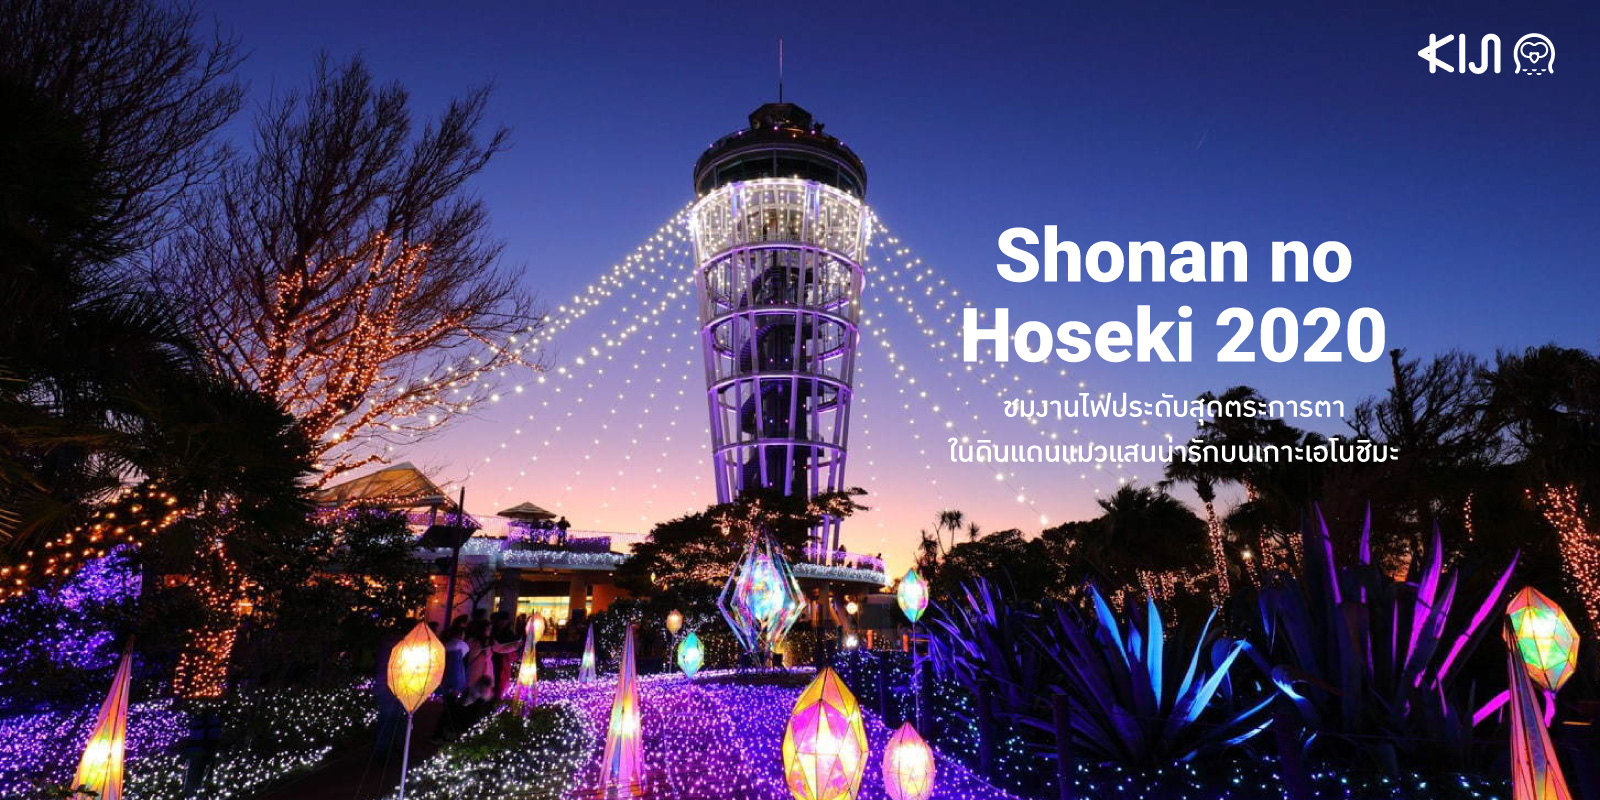 งานเทศกาลไฟประดับ Shonan no Hoseki บนเกาะเอโนชิมะ